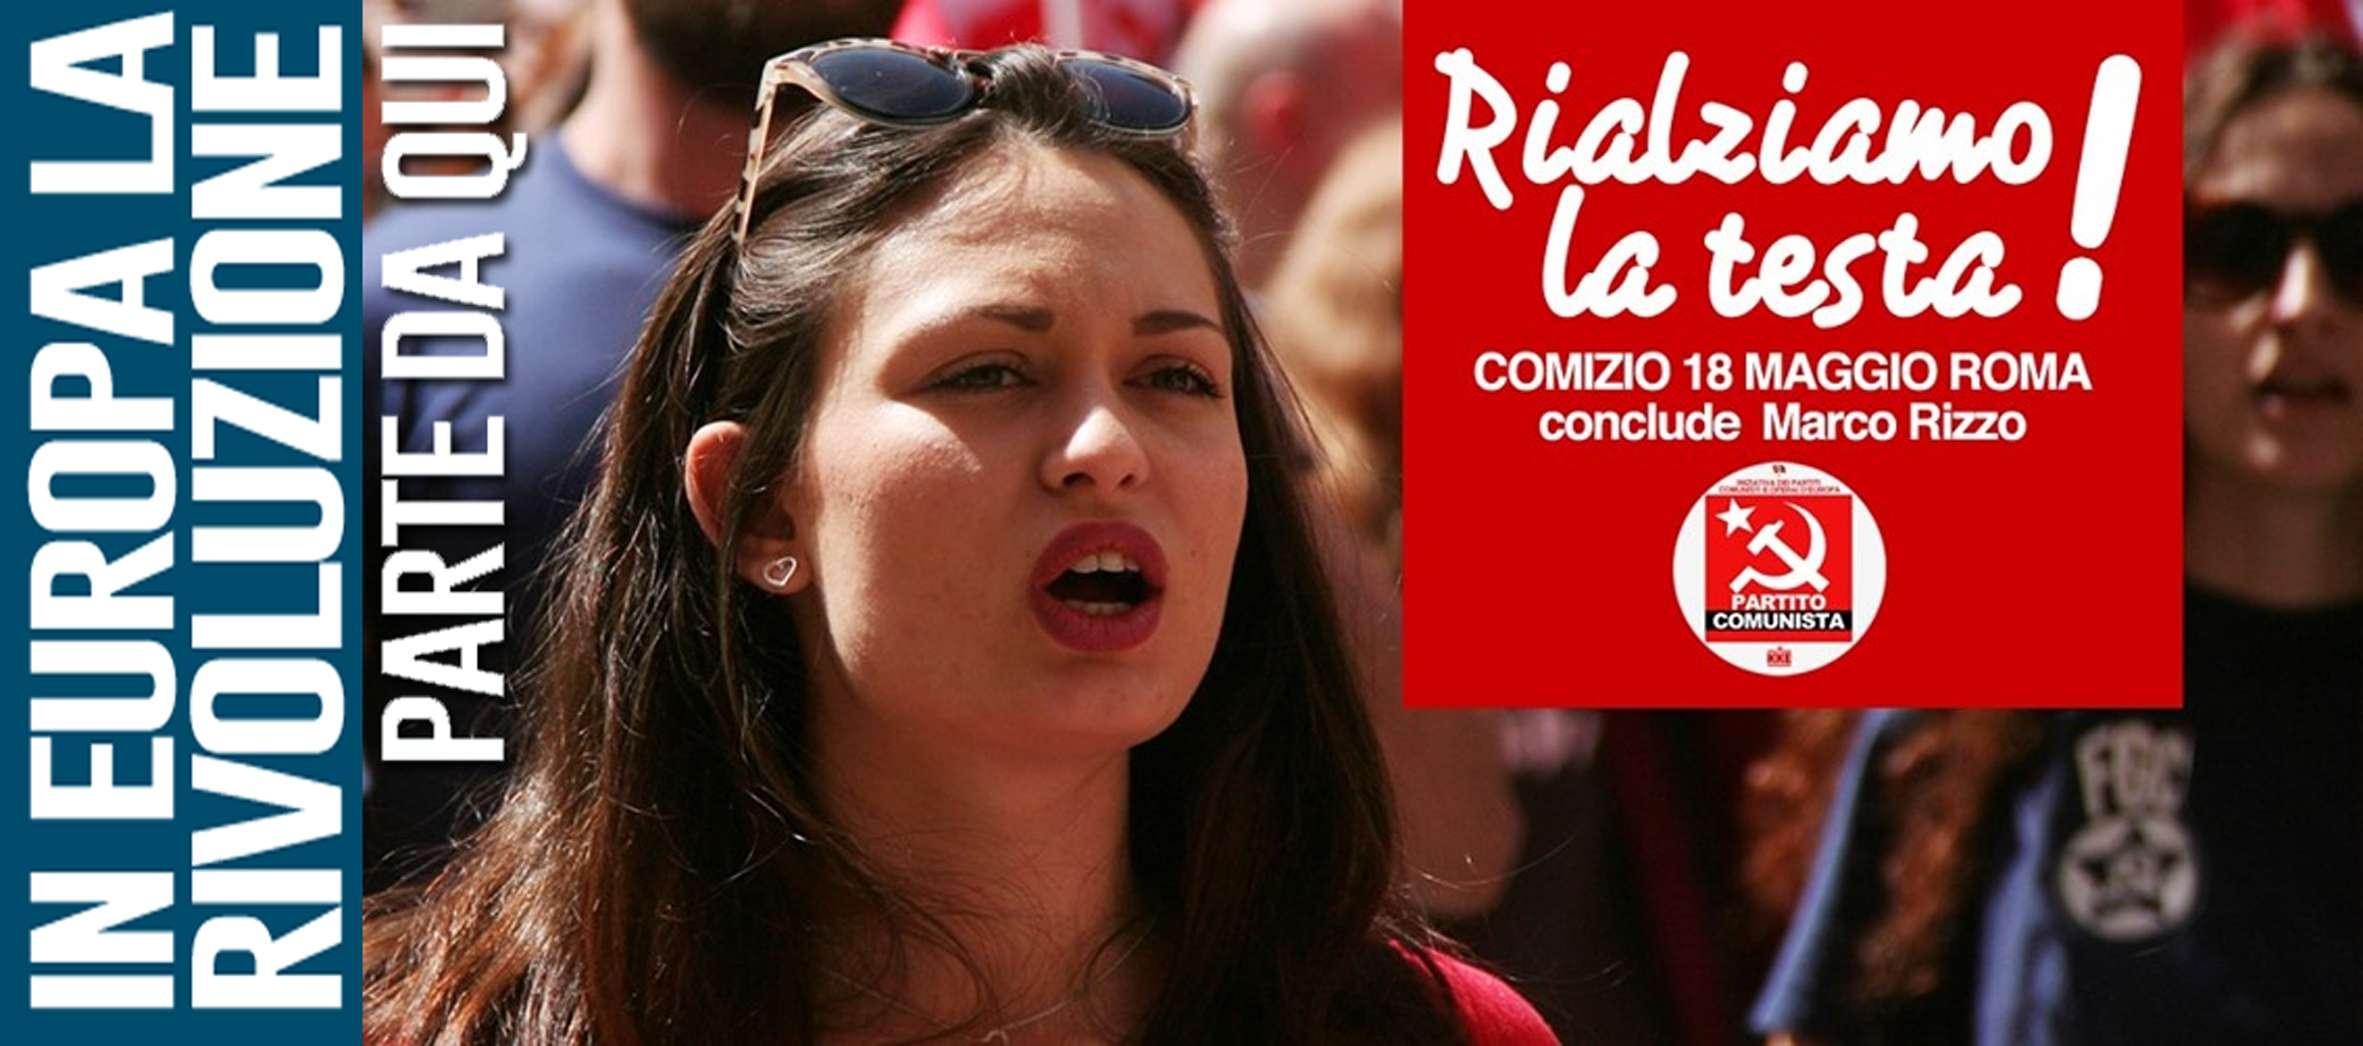 header Rialziamo la testa € Comizio del Partito Comunista 2